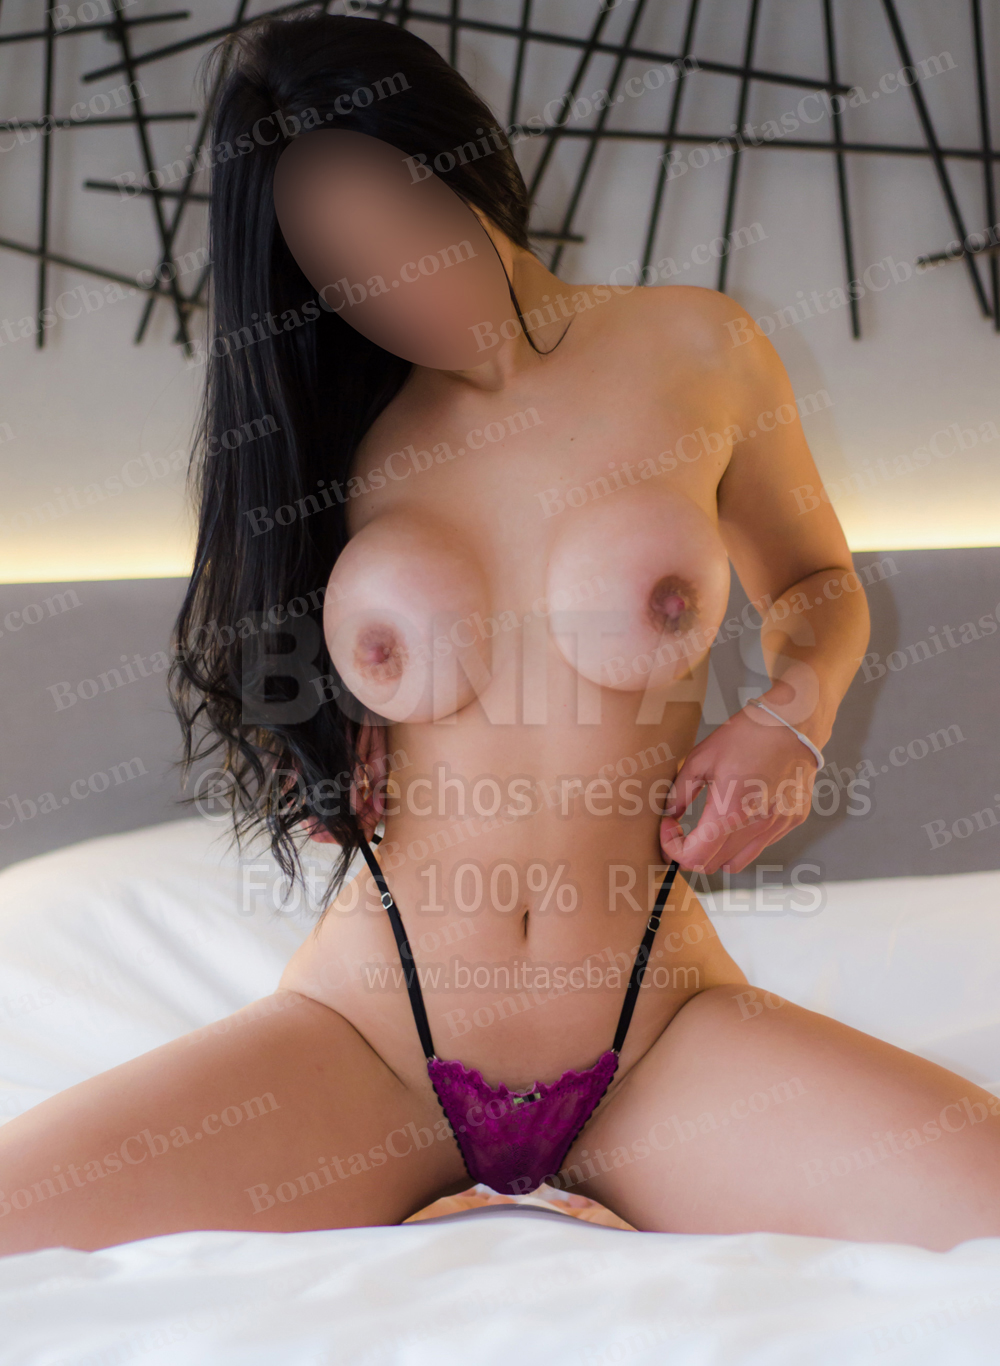 Fotos Nuevas - Angelina 351 3547943